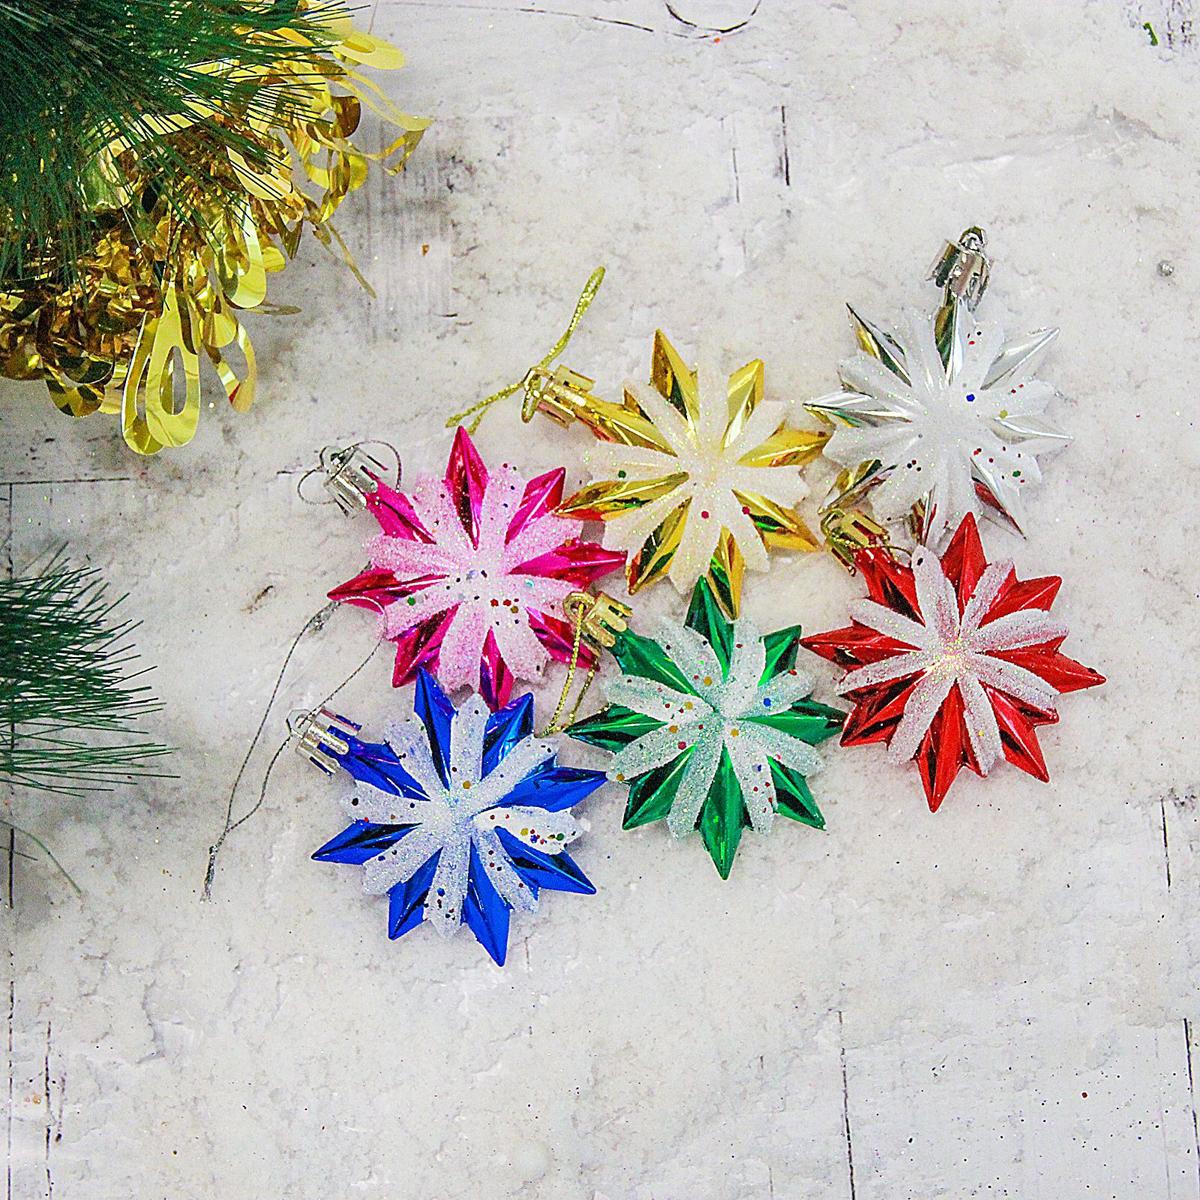 Набор новогодних подвесных украшений Звезда. Пурга, диаметр 6 см, 6 шт2178121Набор новогодних подвесных украшений отлично подойдет для декорации вашего дома и новогодней ели. С помощью специальной петельки украшение можно повесить в любом понравившемся вам месте. Но, конечно, удачнее всего оно будет смотреться на праздничной елке.Елочная игрушка - символ Нового года. Она несет в себе волшебство и красоту праздника. Такое украшение создаст в вашем доме атмосферу праздника, веселья и радости.